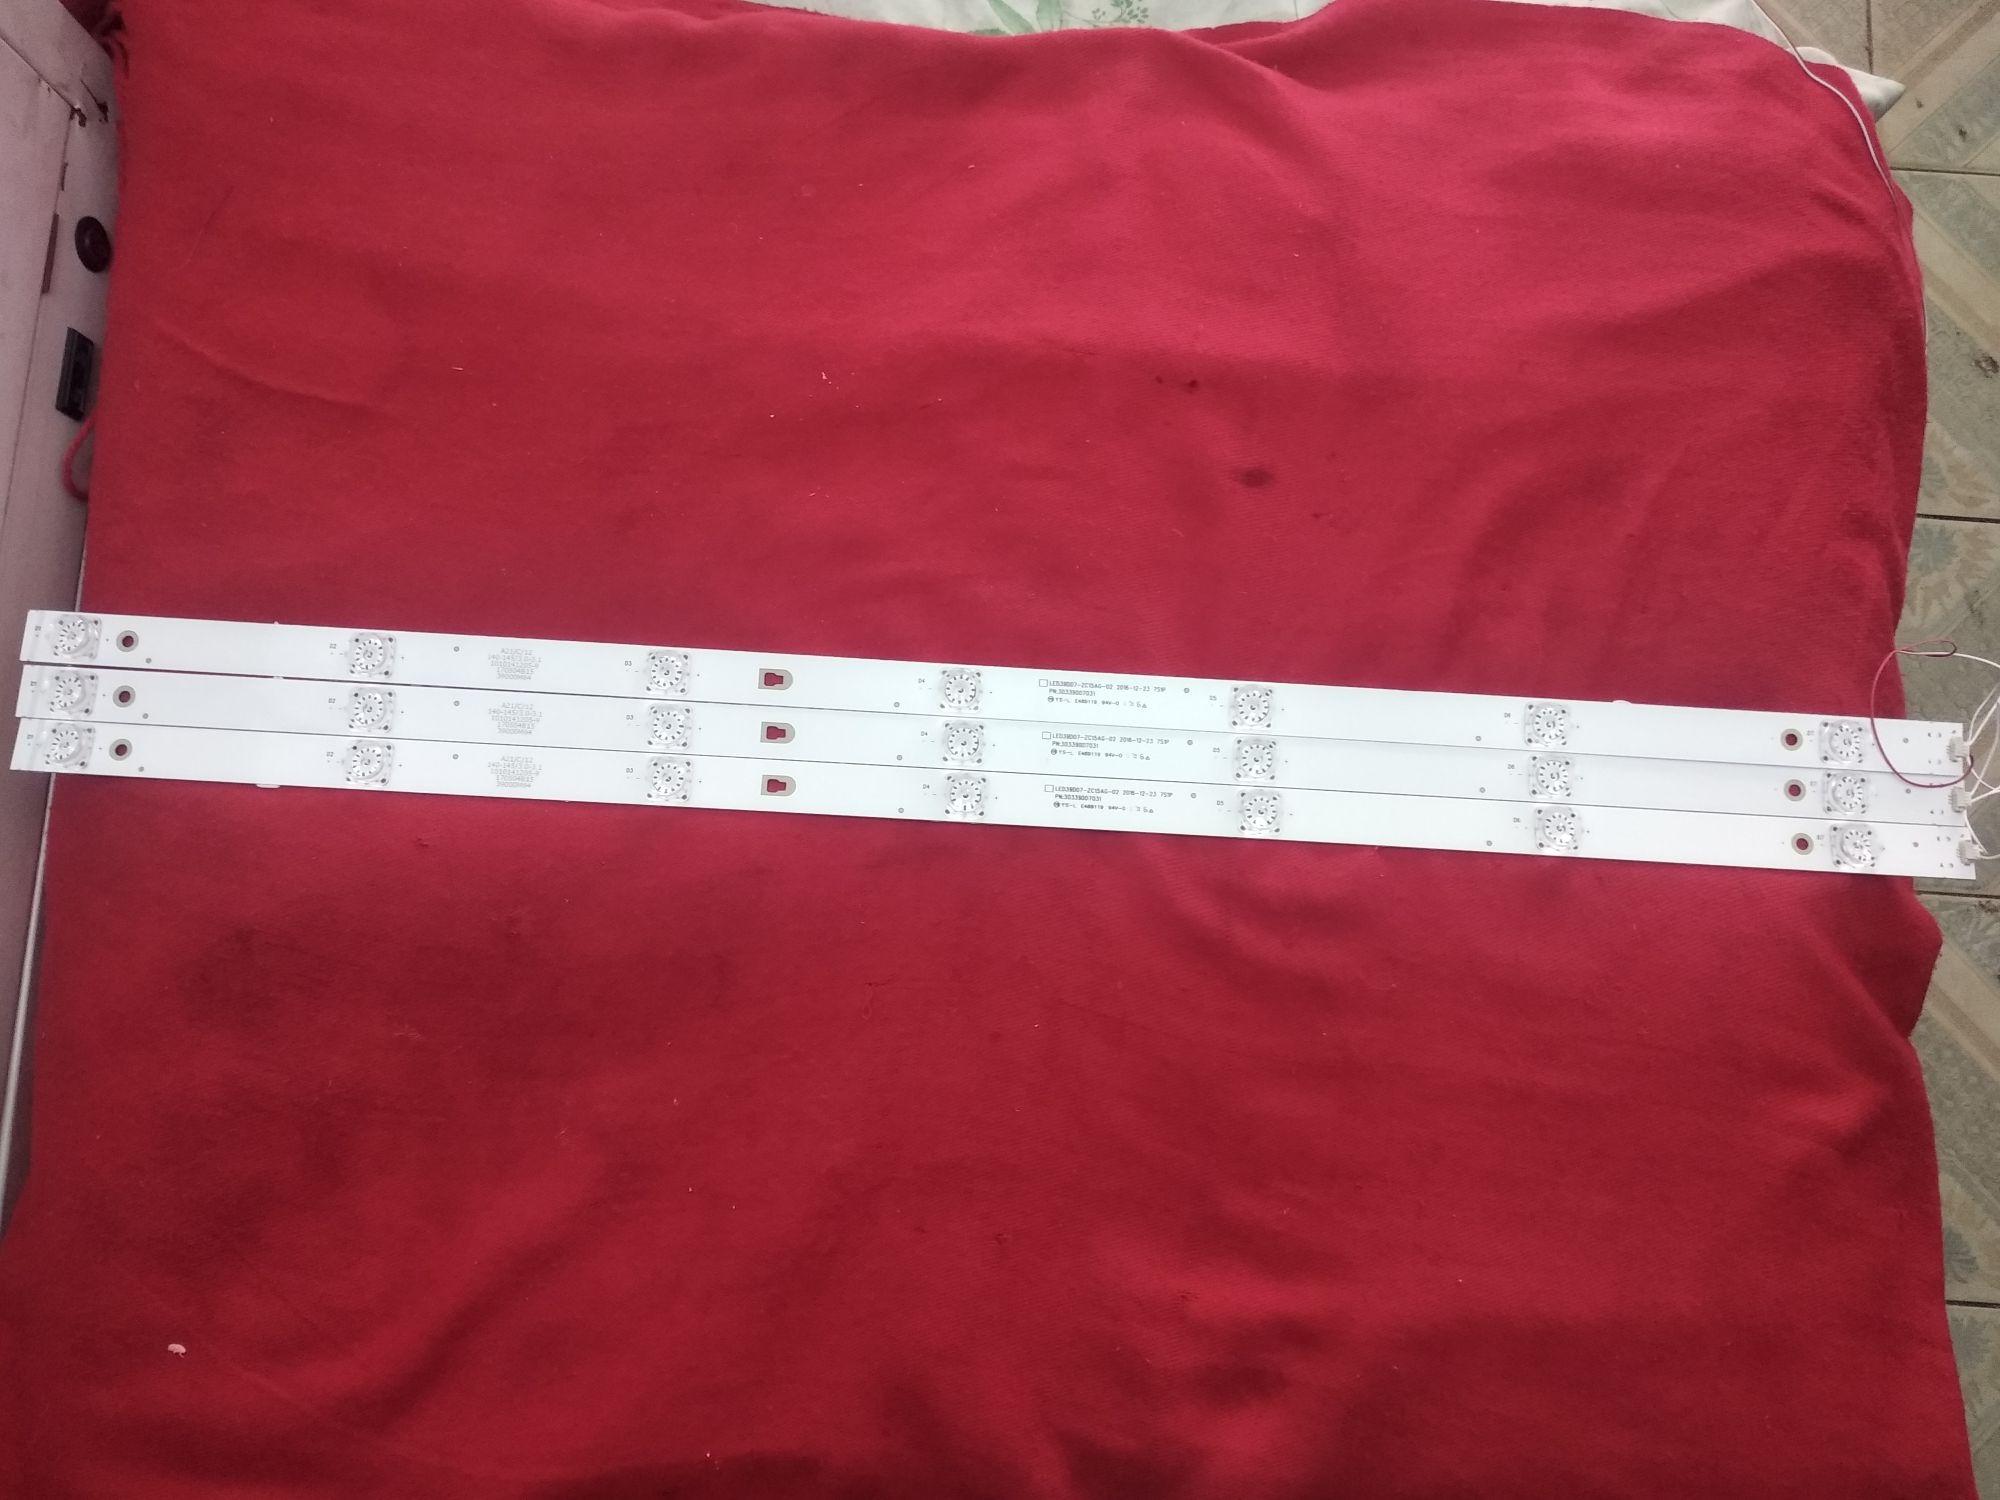 1Set=3PCS LED Backlight Strip 7Lamps LED39D07-ZC15AG-02 30339007031 For LED40F2000C LED40M2000A LED3